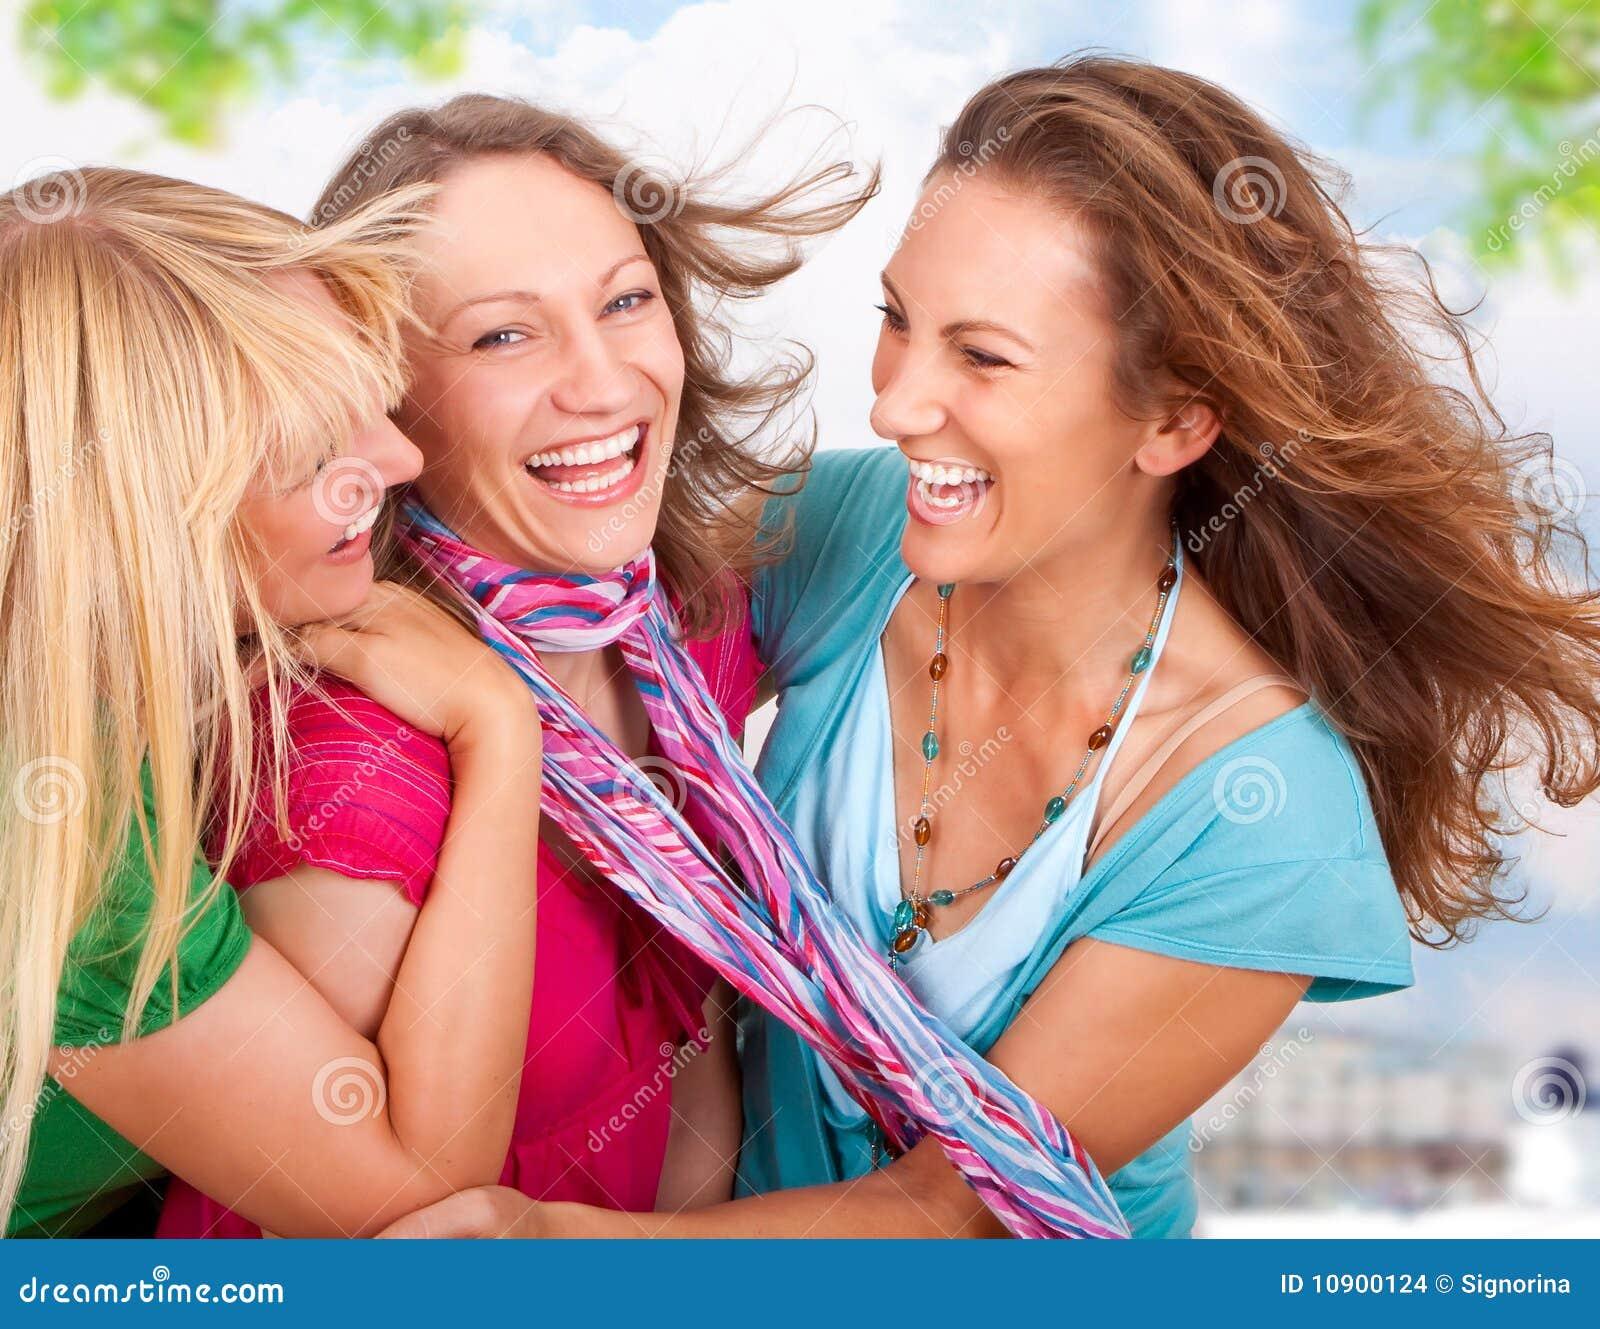 Фото веселые подружки 11 фотография